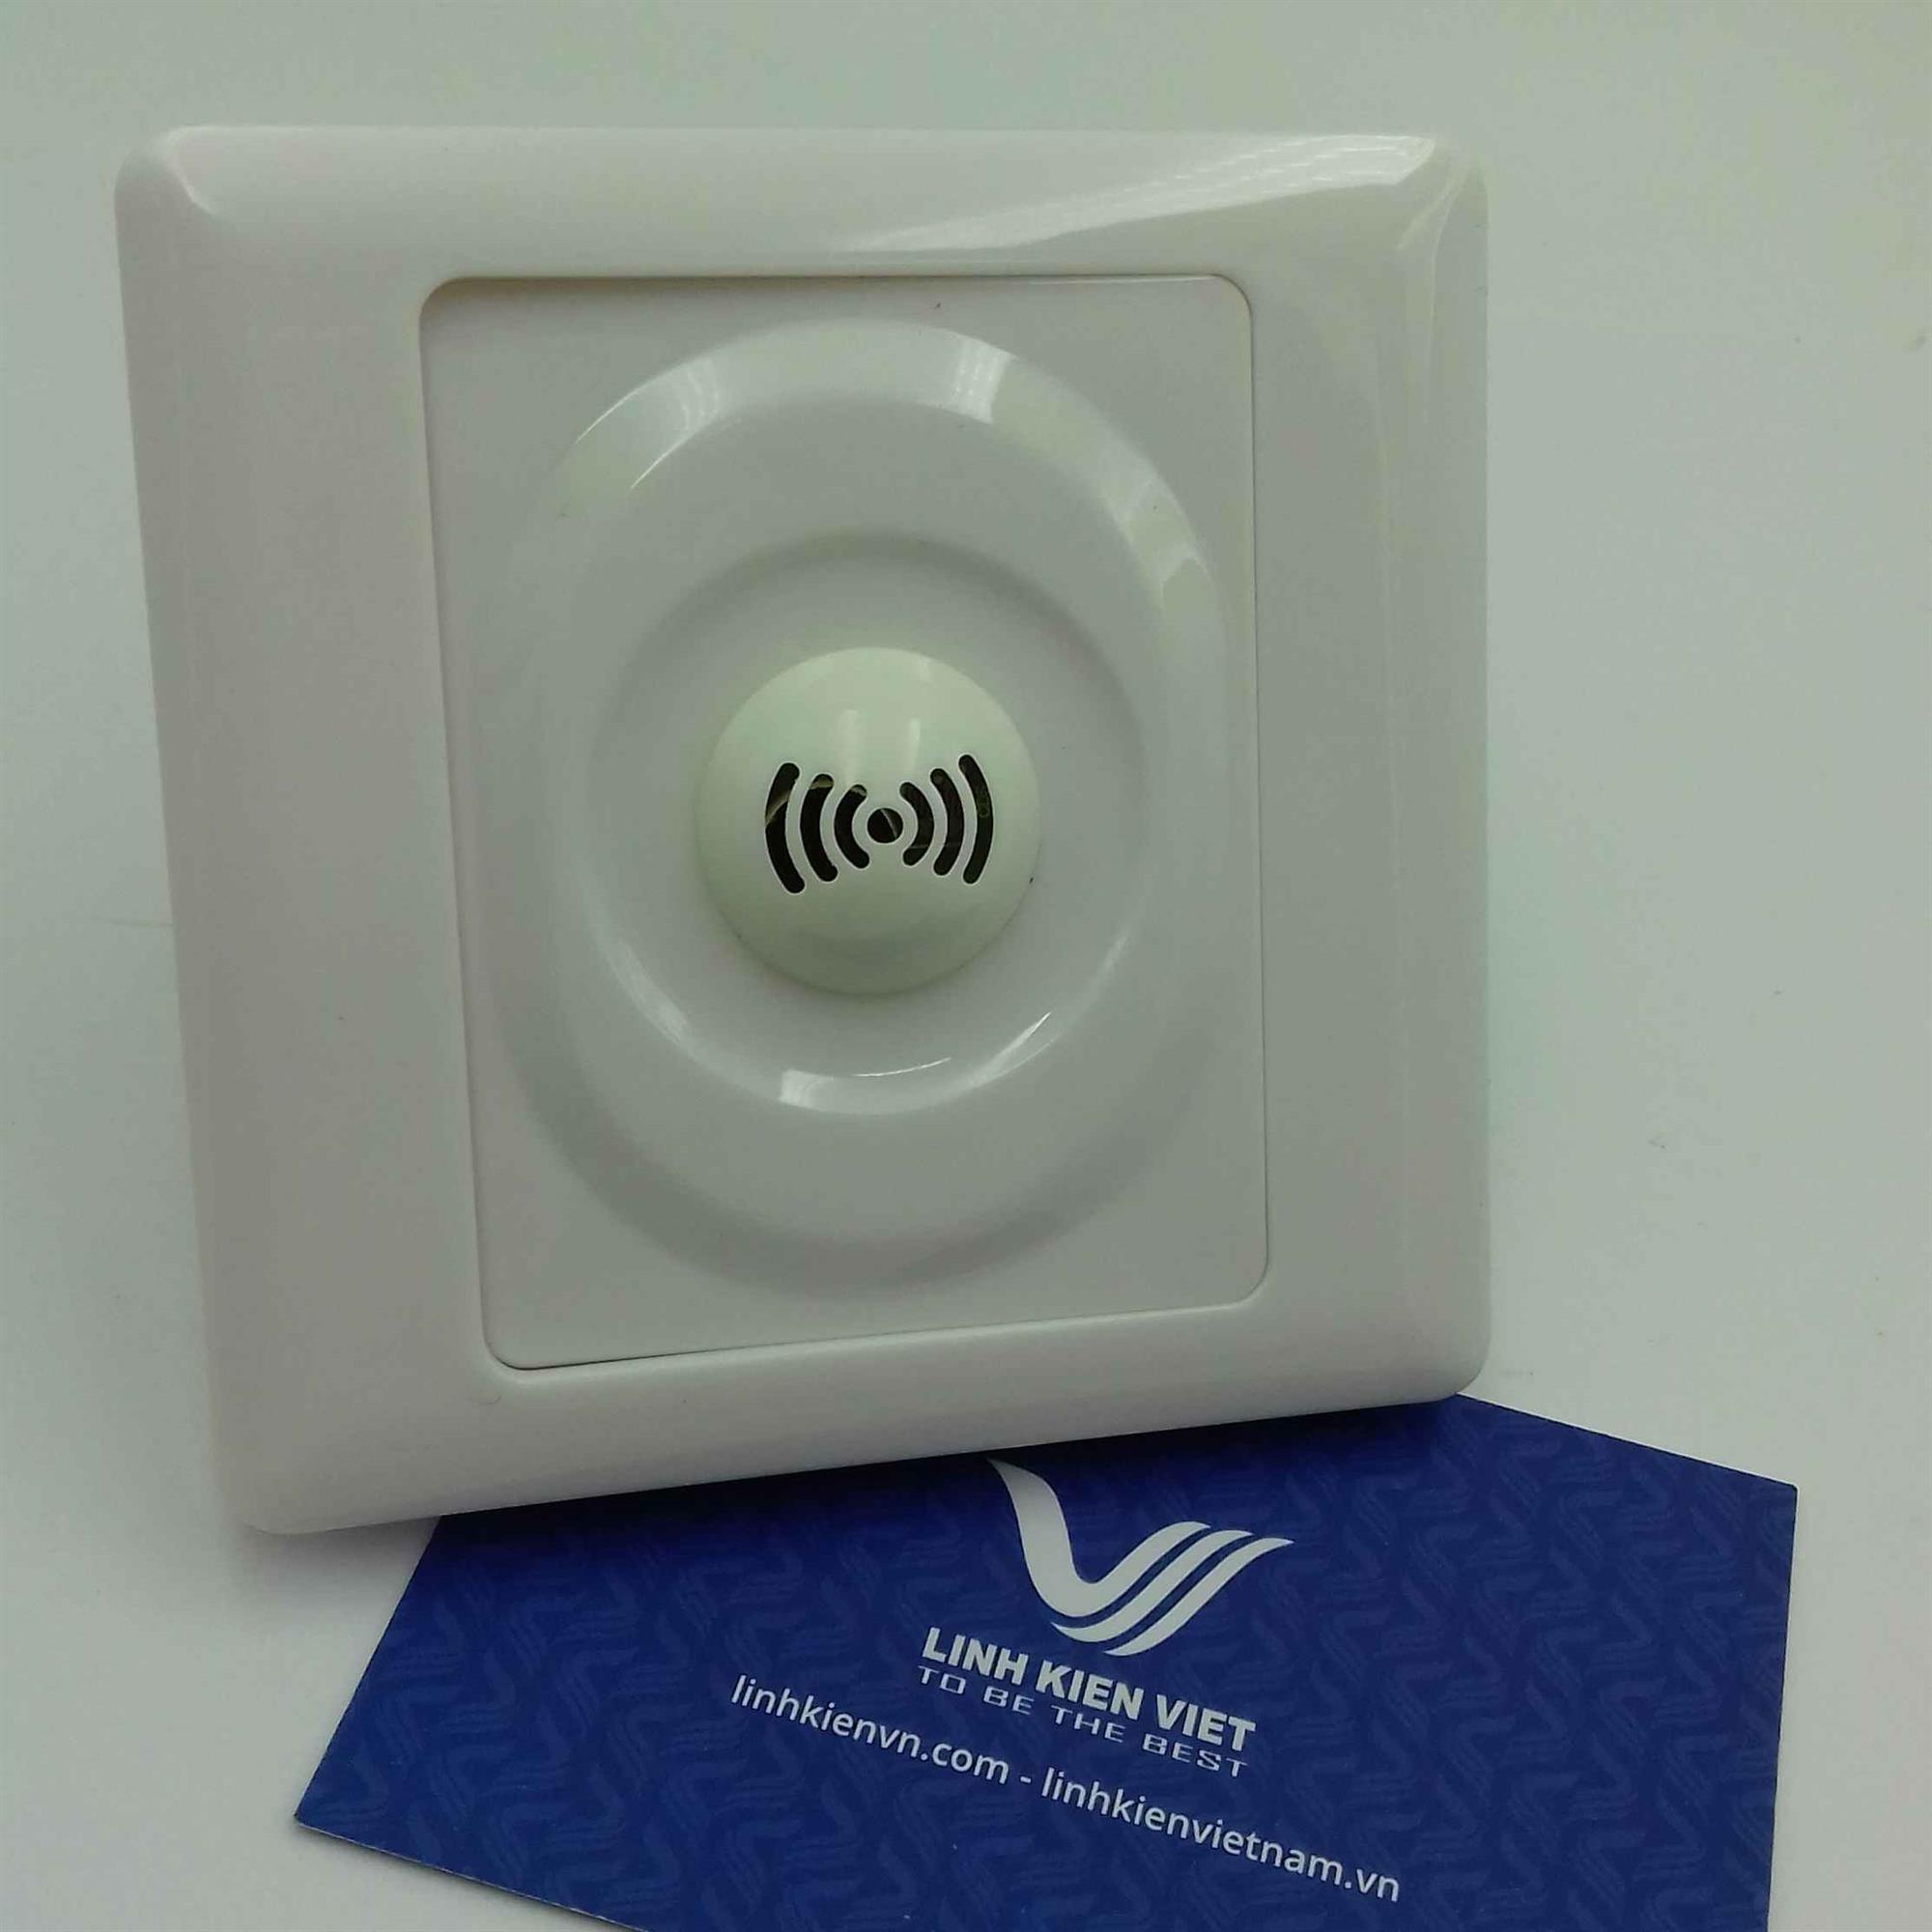 Công tắc Bật tắt đèn bằng âm thanh / Công tắc Bật đèn khi có tiếng động - i4H7 (KA10H1)